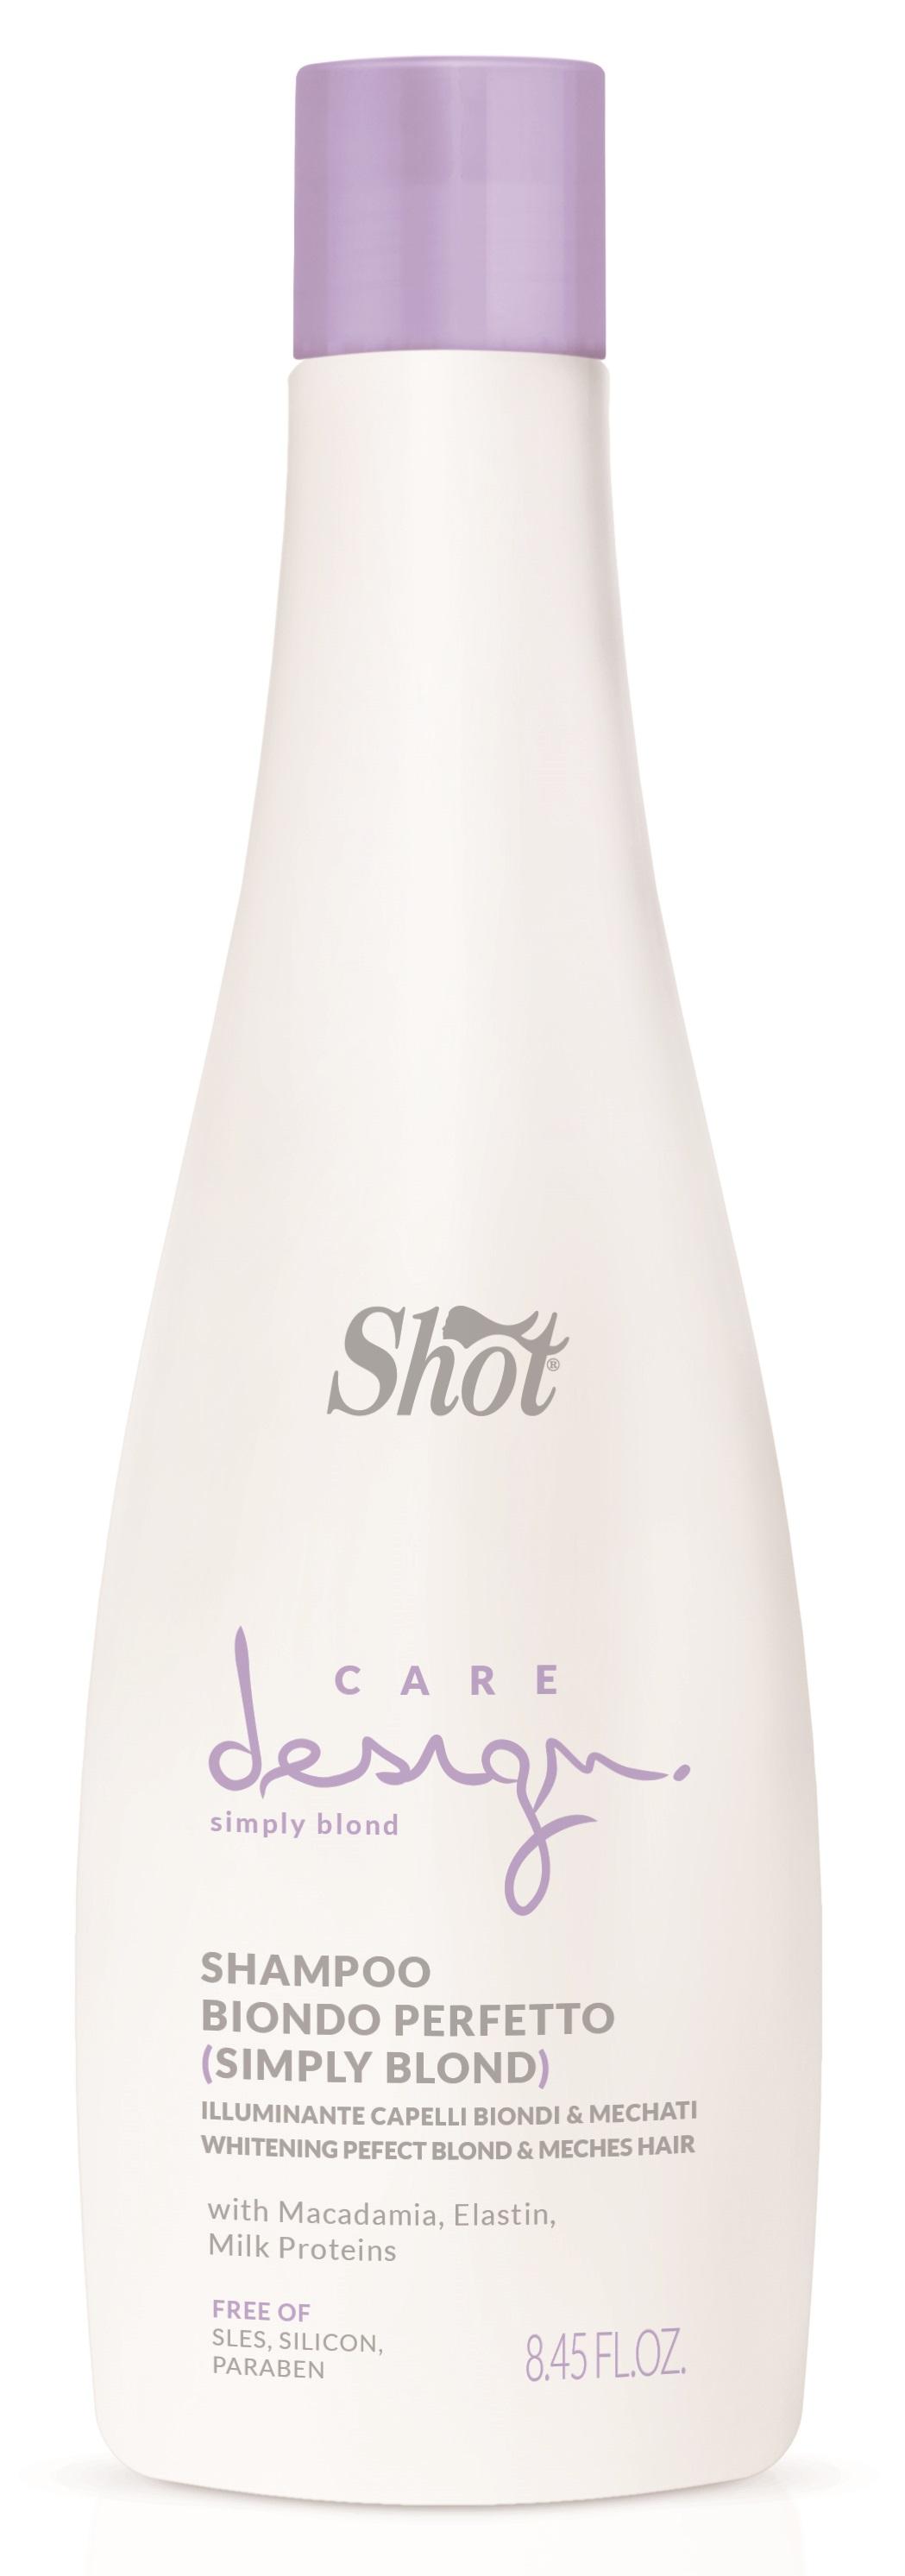 SHOT Шампунь Превосходный блонд / Care Design 250 мл